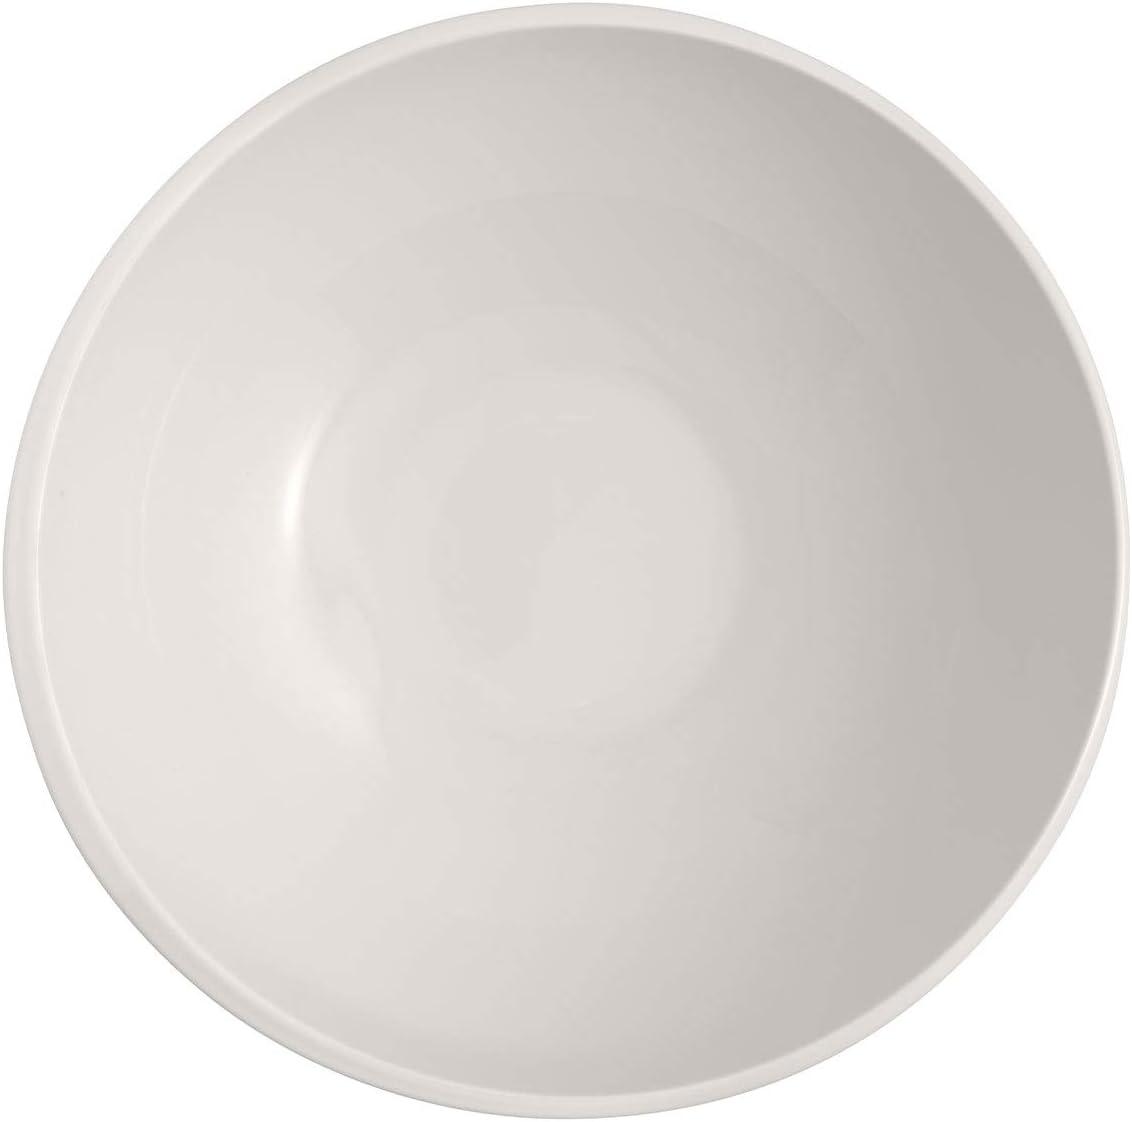 salades ou desserts en porcelaine de qualit/é sup/érieure Passe au lave-vaisselle Blanc 750 ml Villeroy /& Boch 10-4264-1900 NewMoon BOL Bol moderne pour c/ér/éales soupes